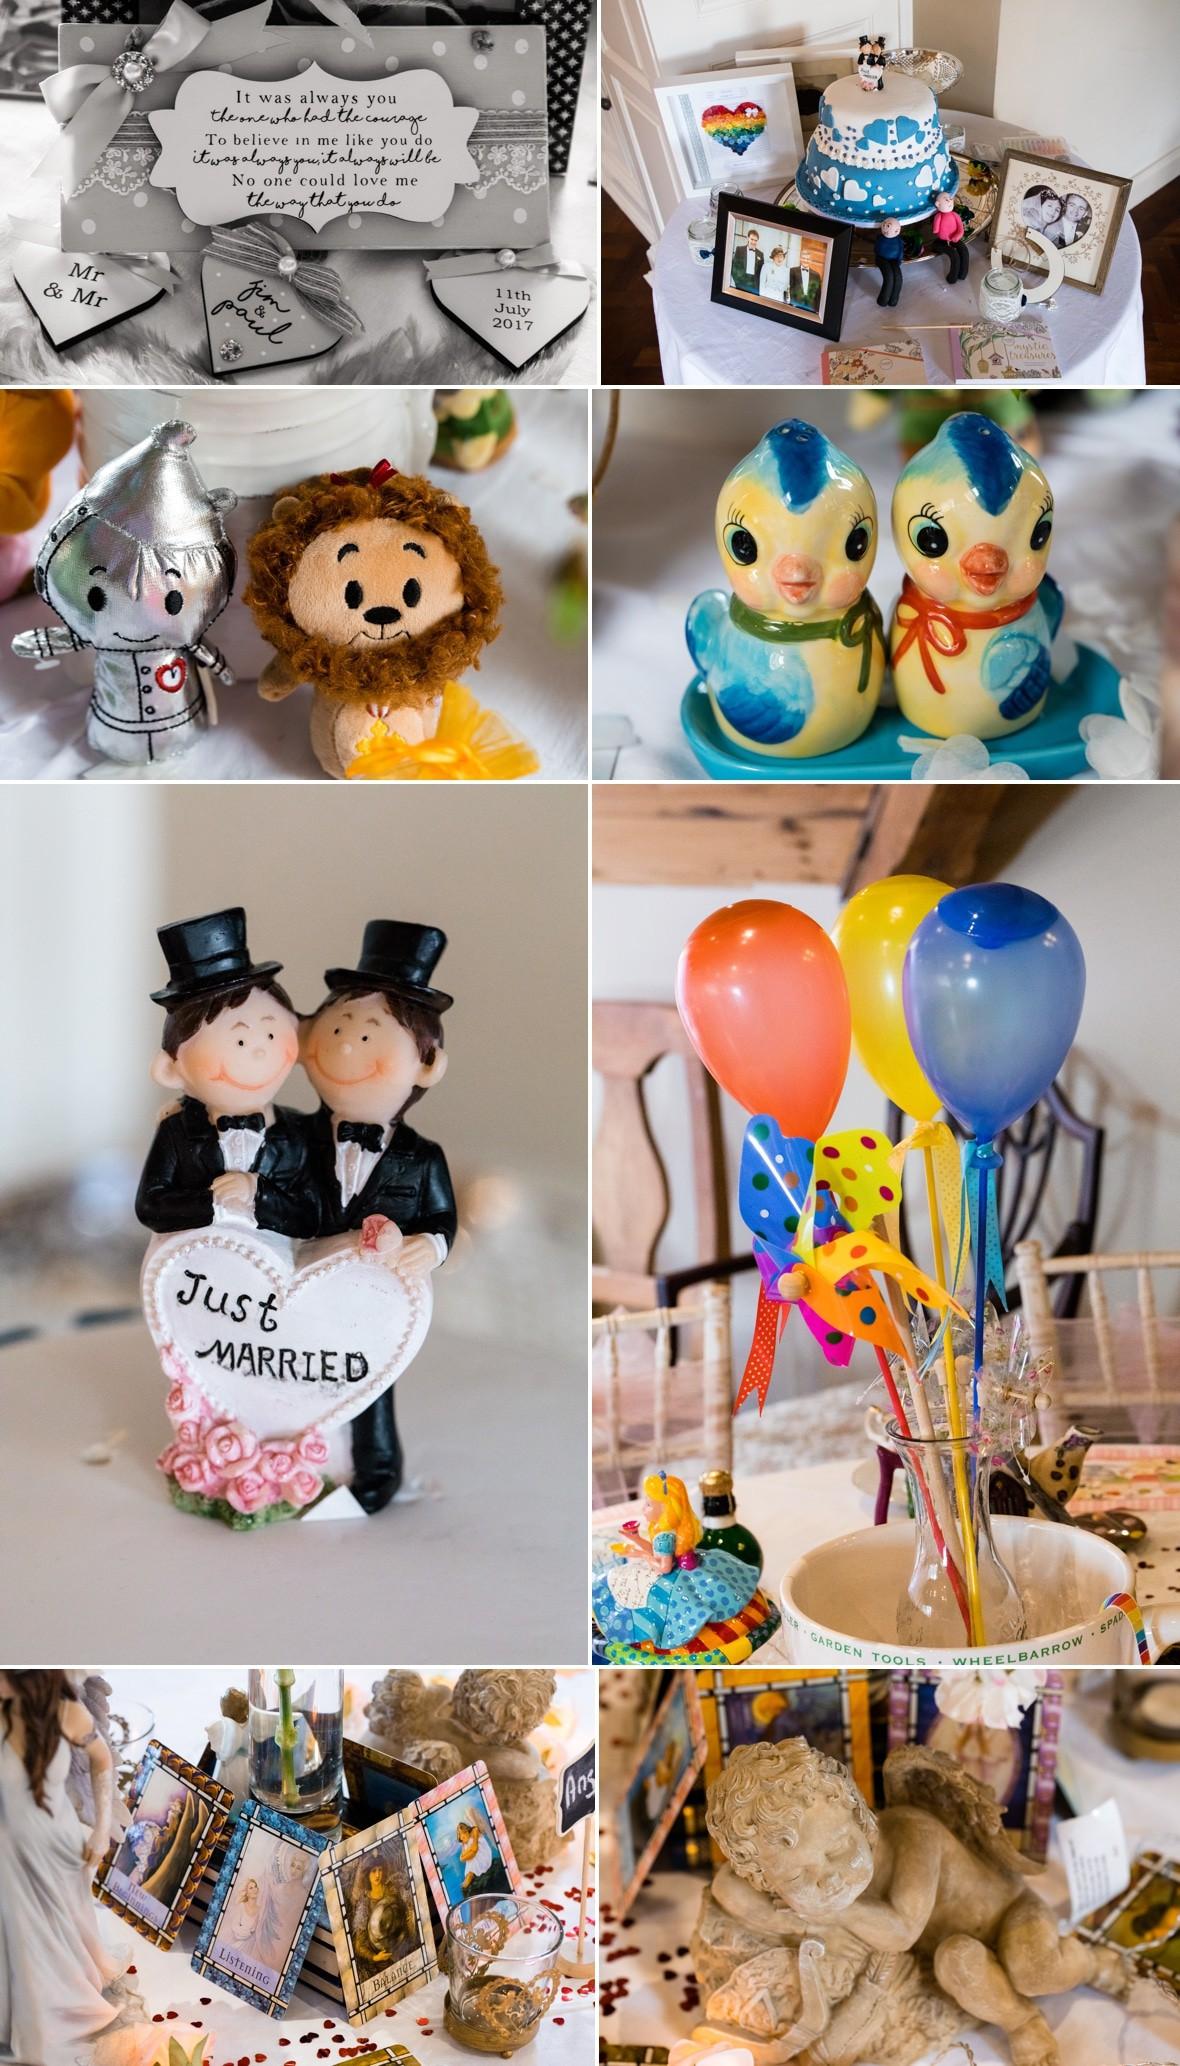 Đám cưới hạnh phúc của cặp đôi đồng tính: Tình yêu chưa bao giờ là muộn khi tìm được người đàn ông của đời mình - Ảnh 2.